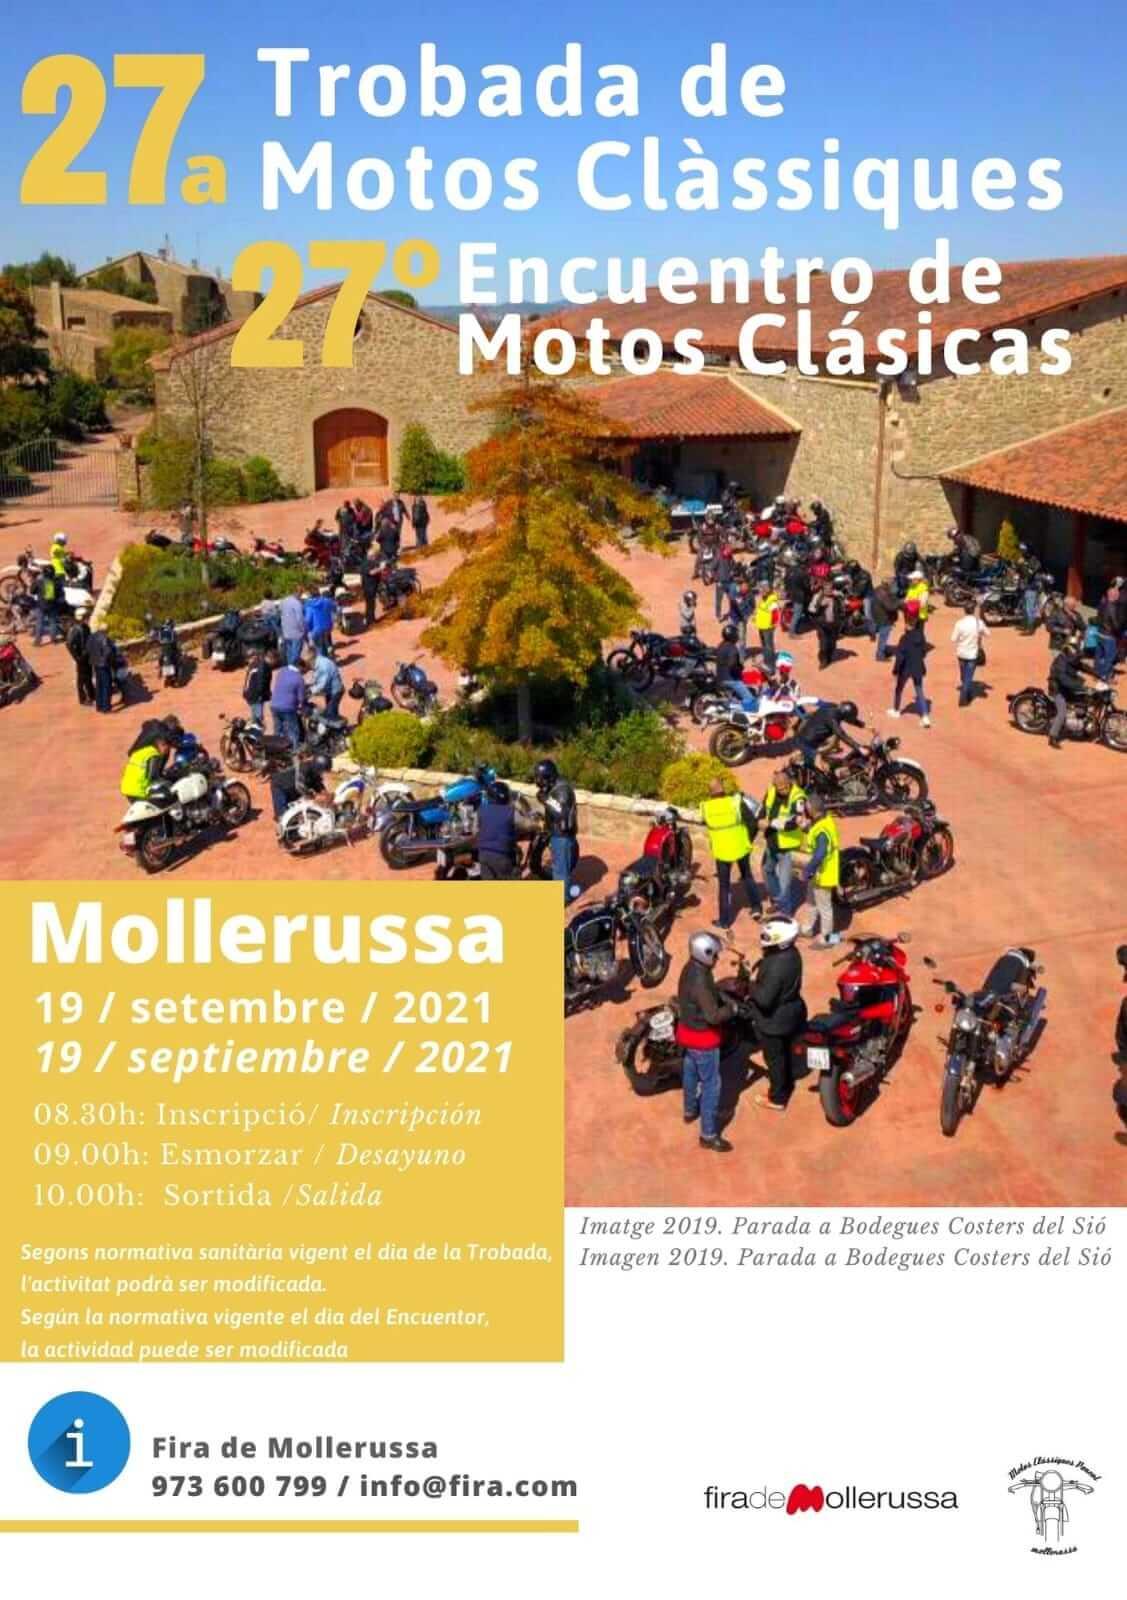 Trobada Motos Clàssiques Mollerussa, Lleida